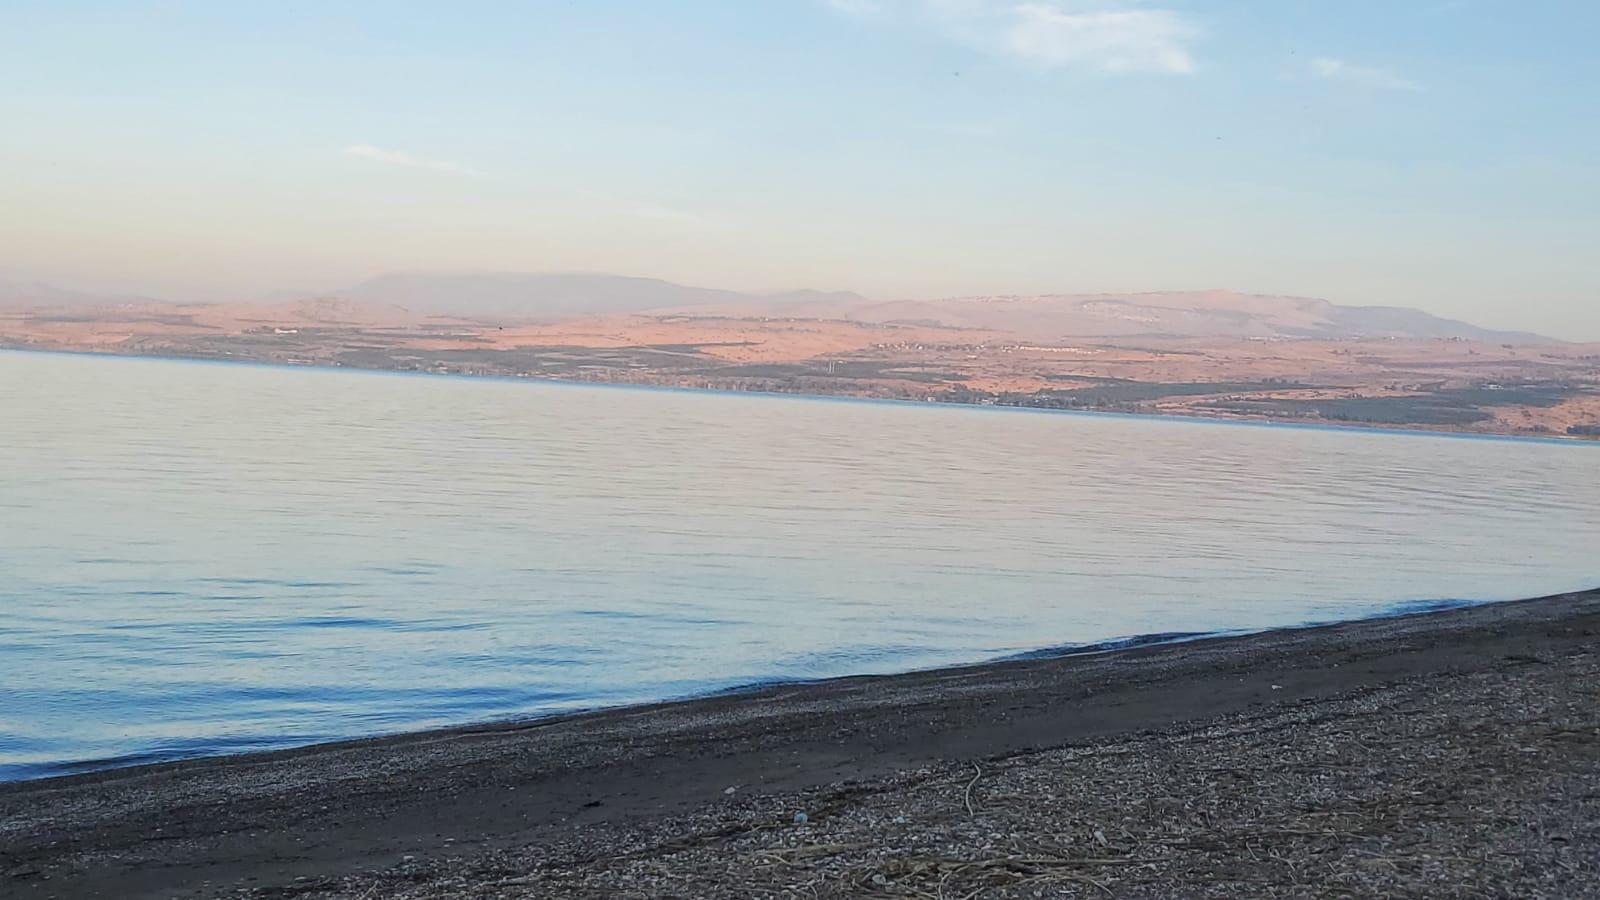 חופי איגוד ערים כינרת נפתחים לאחר הסגר